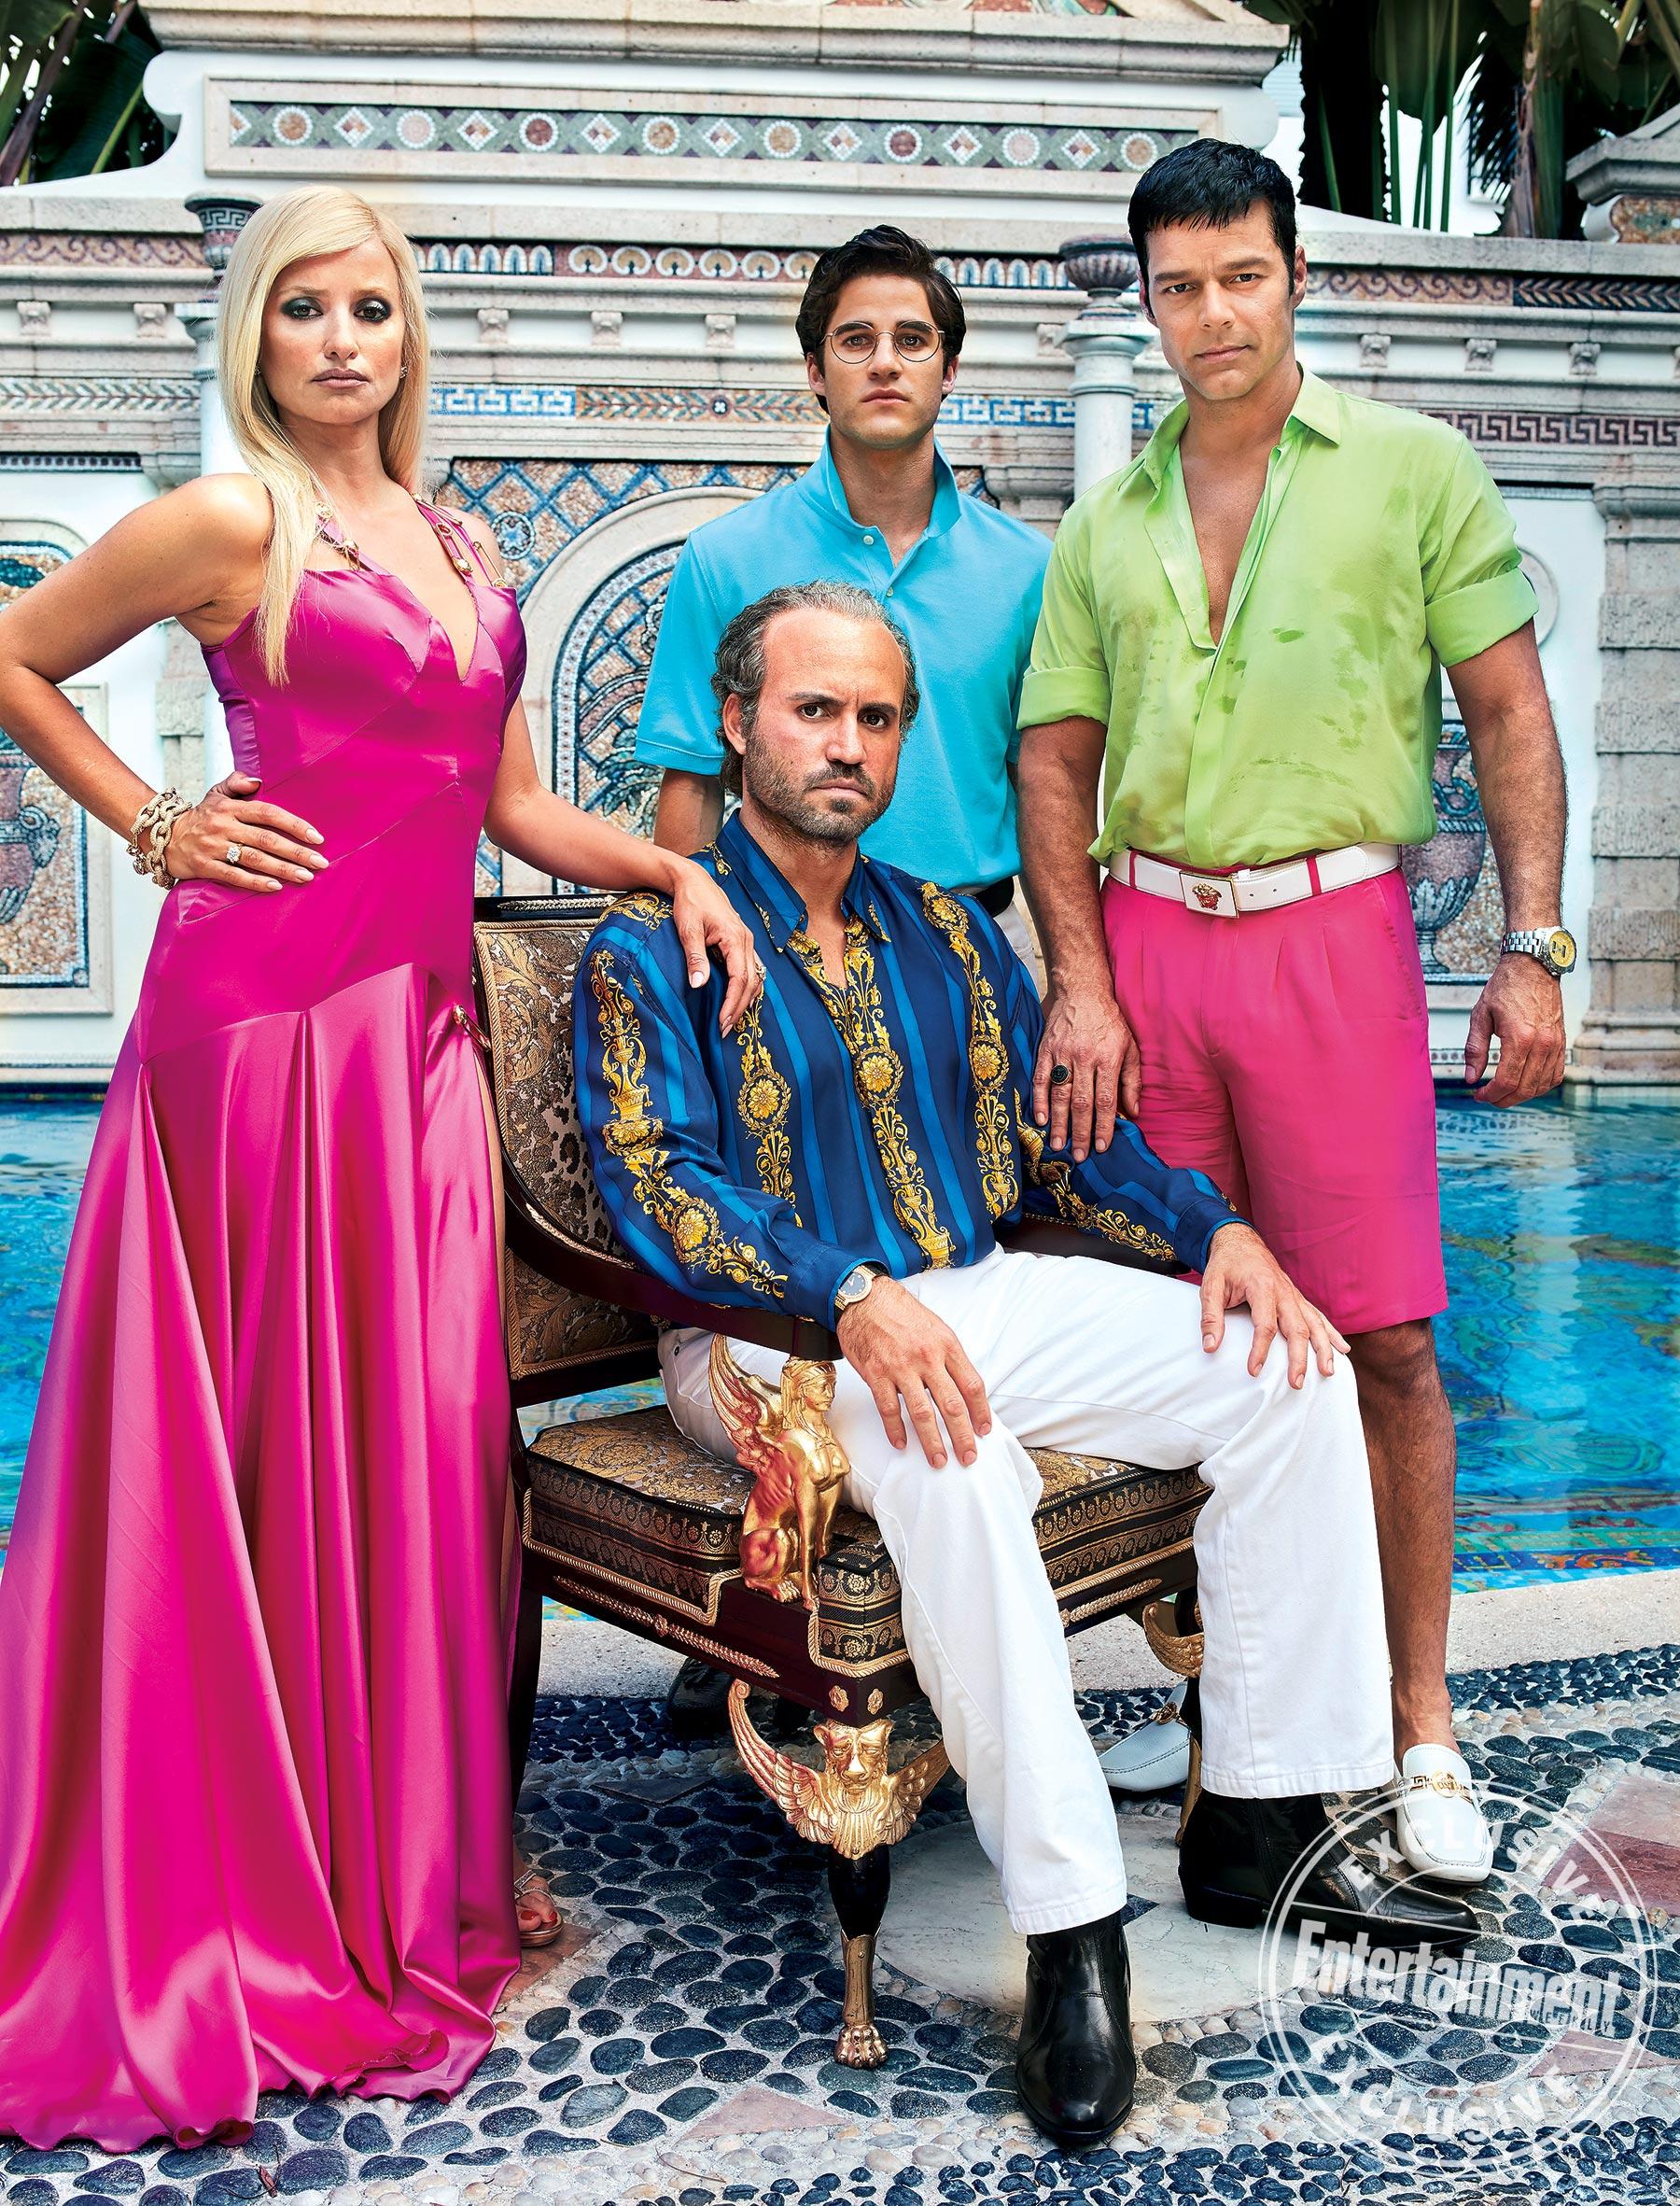 The Assassination of Gianni Versace - Varázslatosan élénk színek bukkannak fel itt is